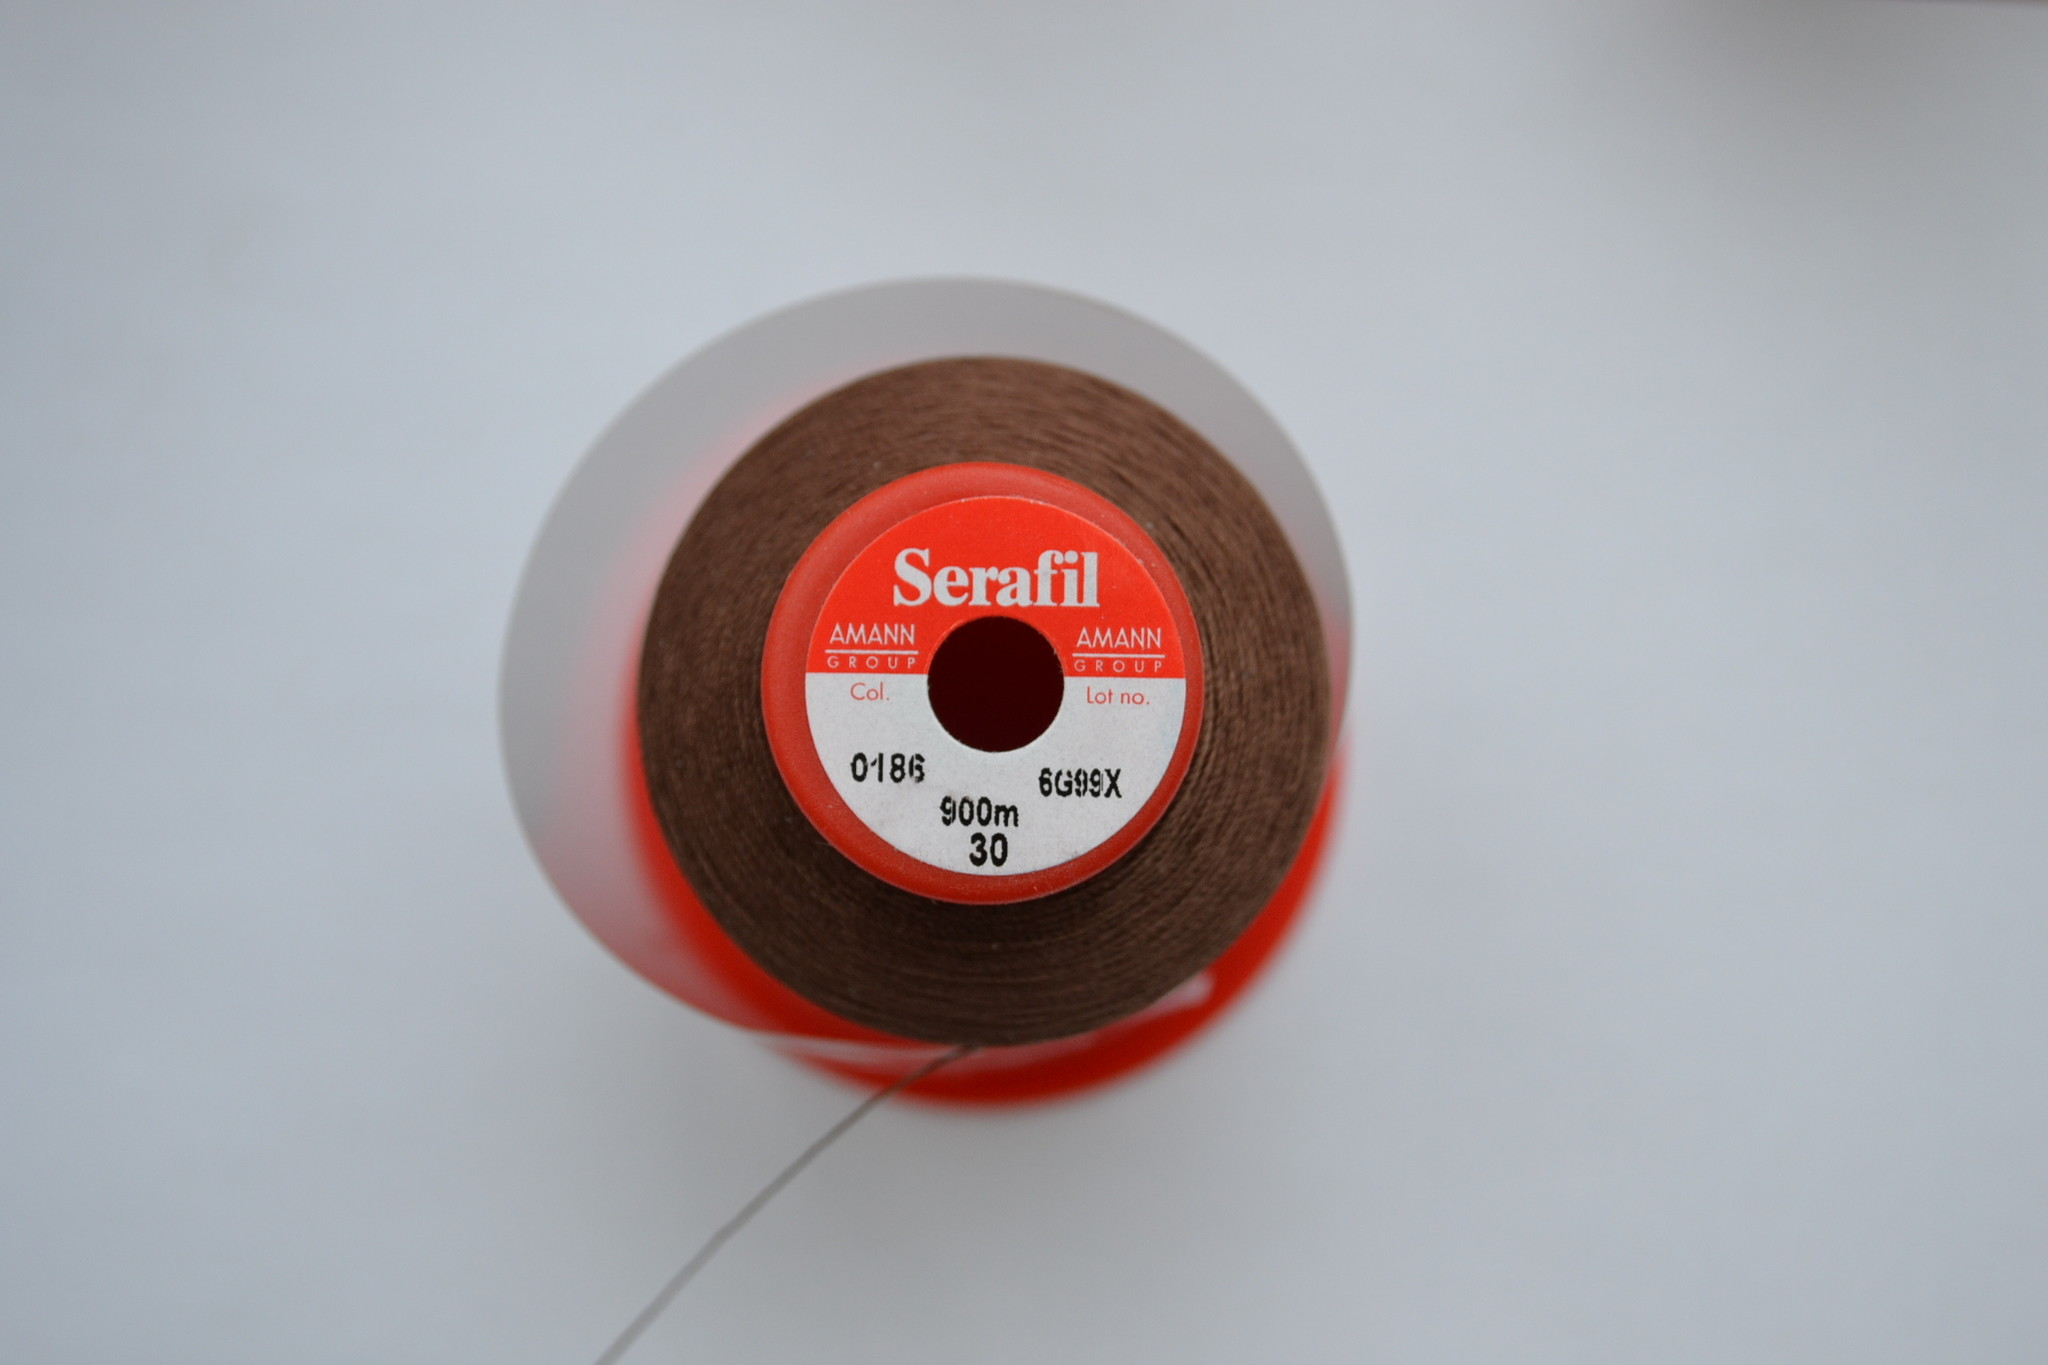 SER30/0186 Serafil 30